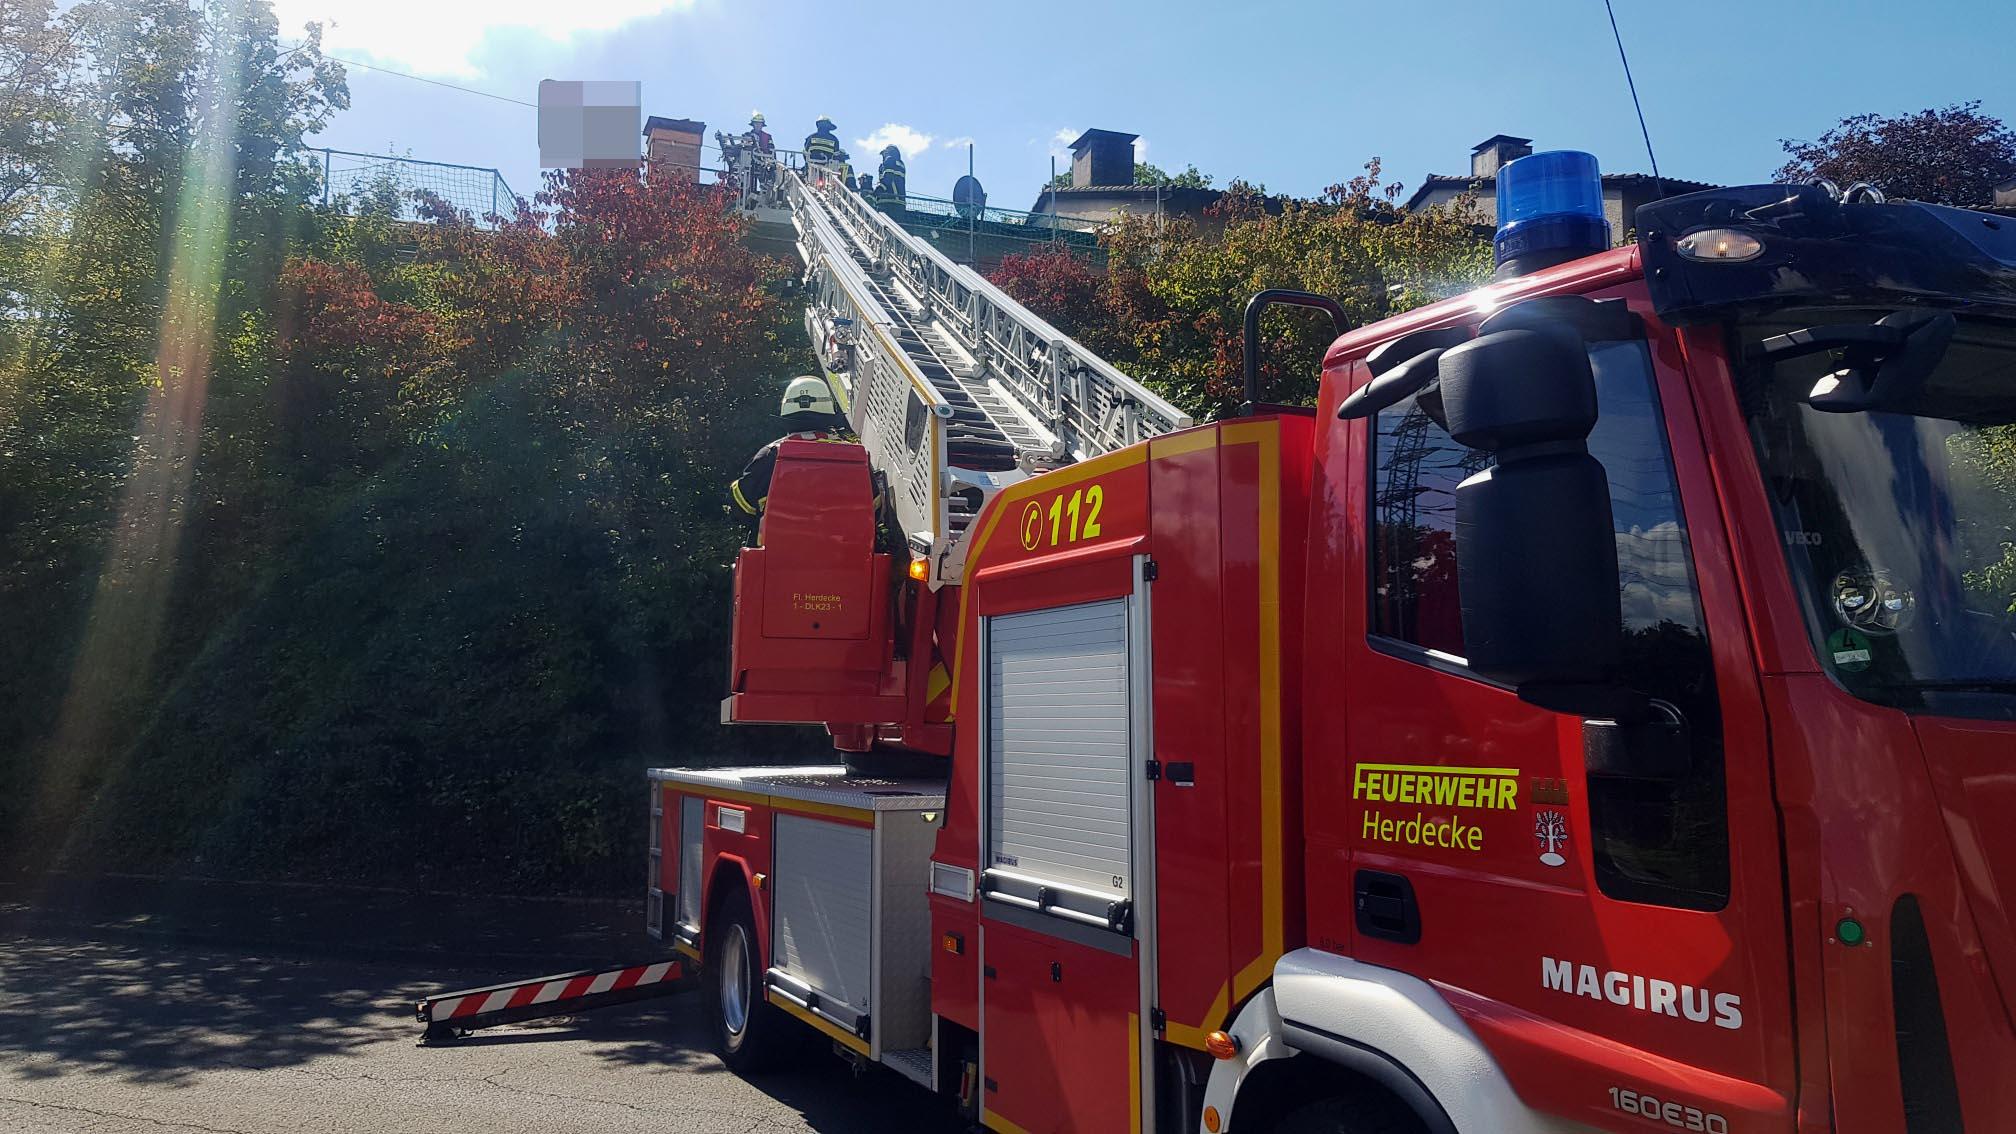 Personenrettung aus Dachstuhl (Foto: Feuerwehr Herdecke)